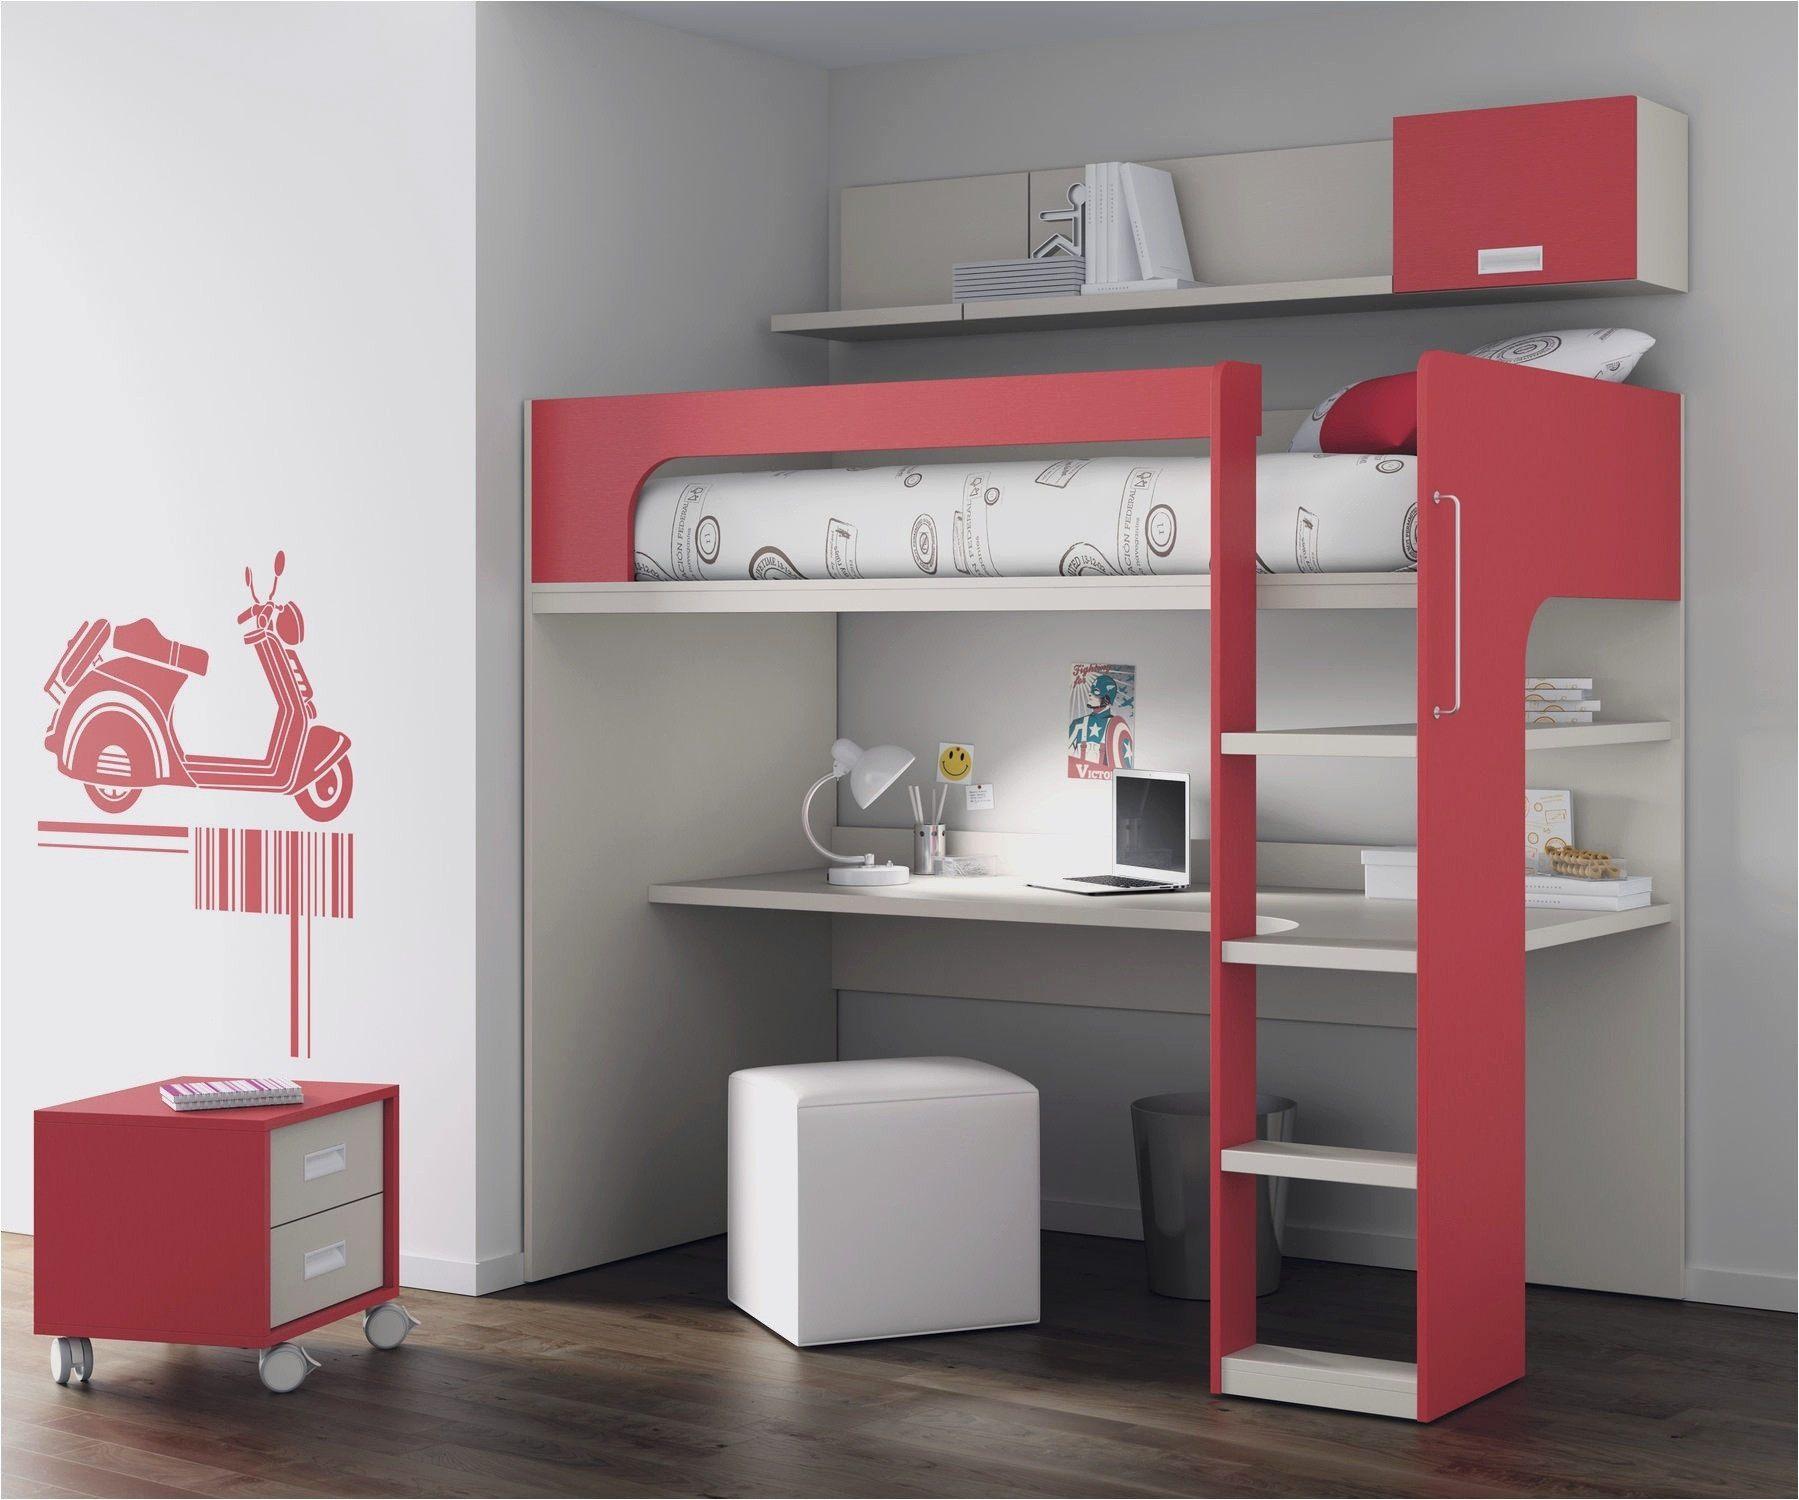 Ikea Lit D Enfant Douce Nouveau Cloison Chambre Beau Chambre Adulte Ikea Génial Ikea Chambre